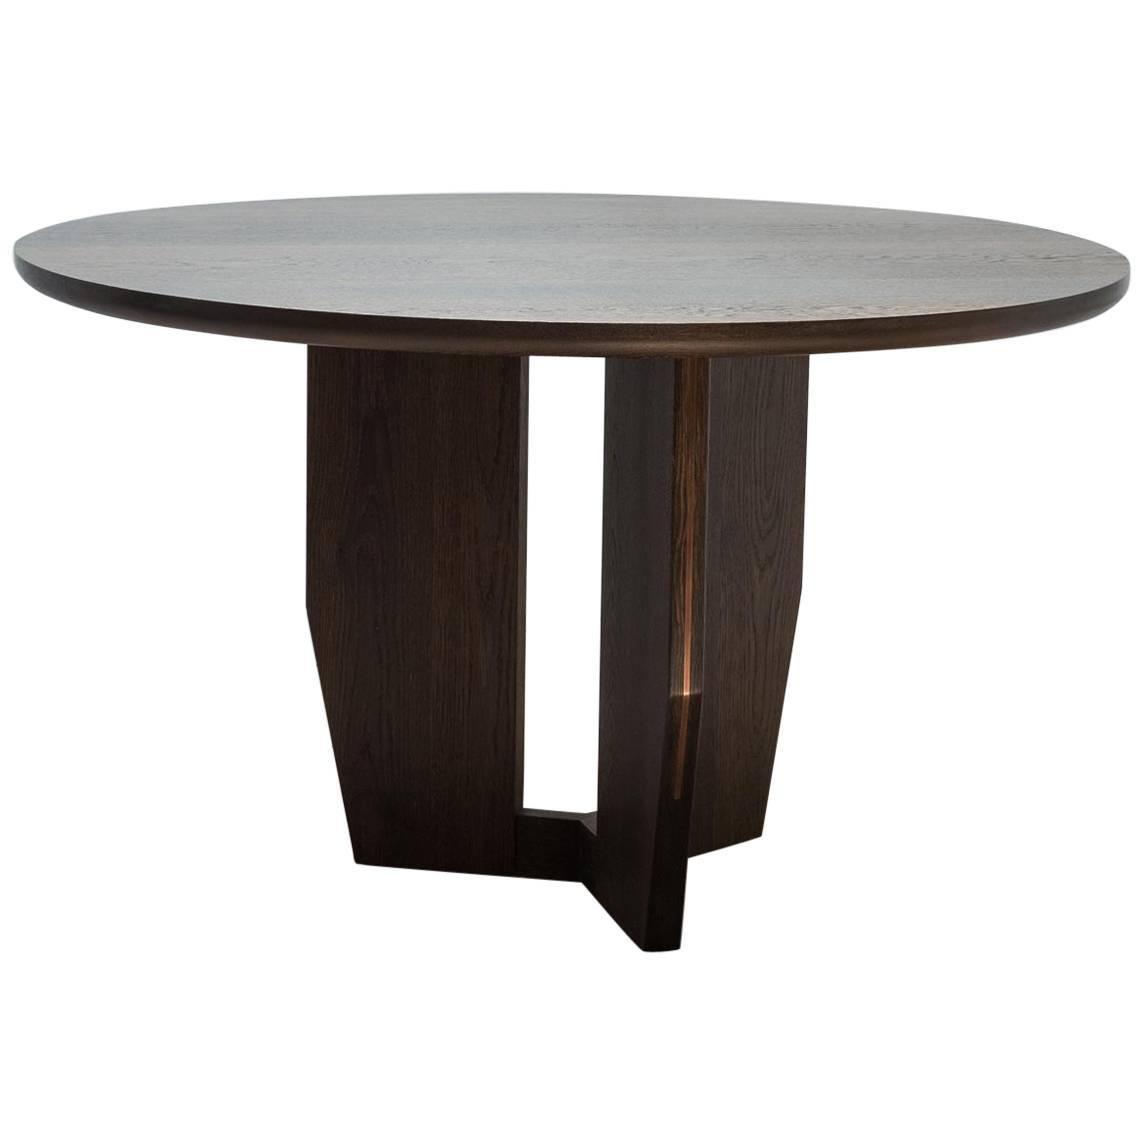 Round Symmetrical Table in Oxidized White Oak